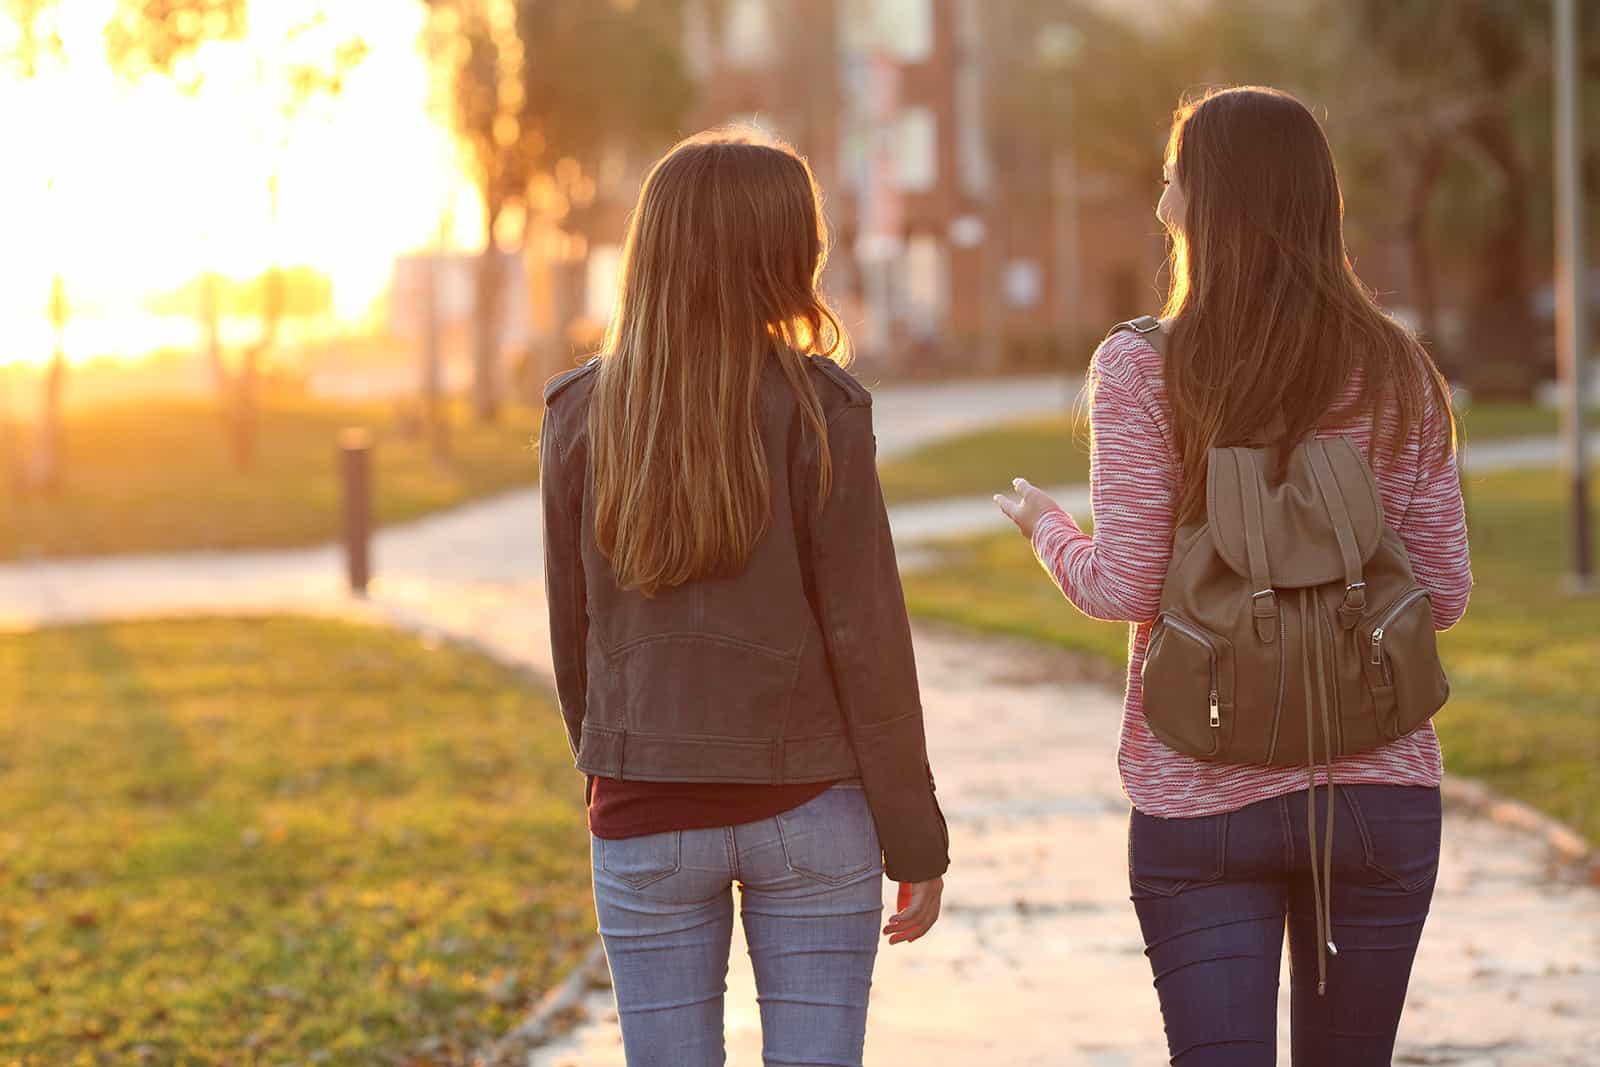 zwei Freunde gehen zusammen in einen Park und unterhalten sich